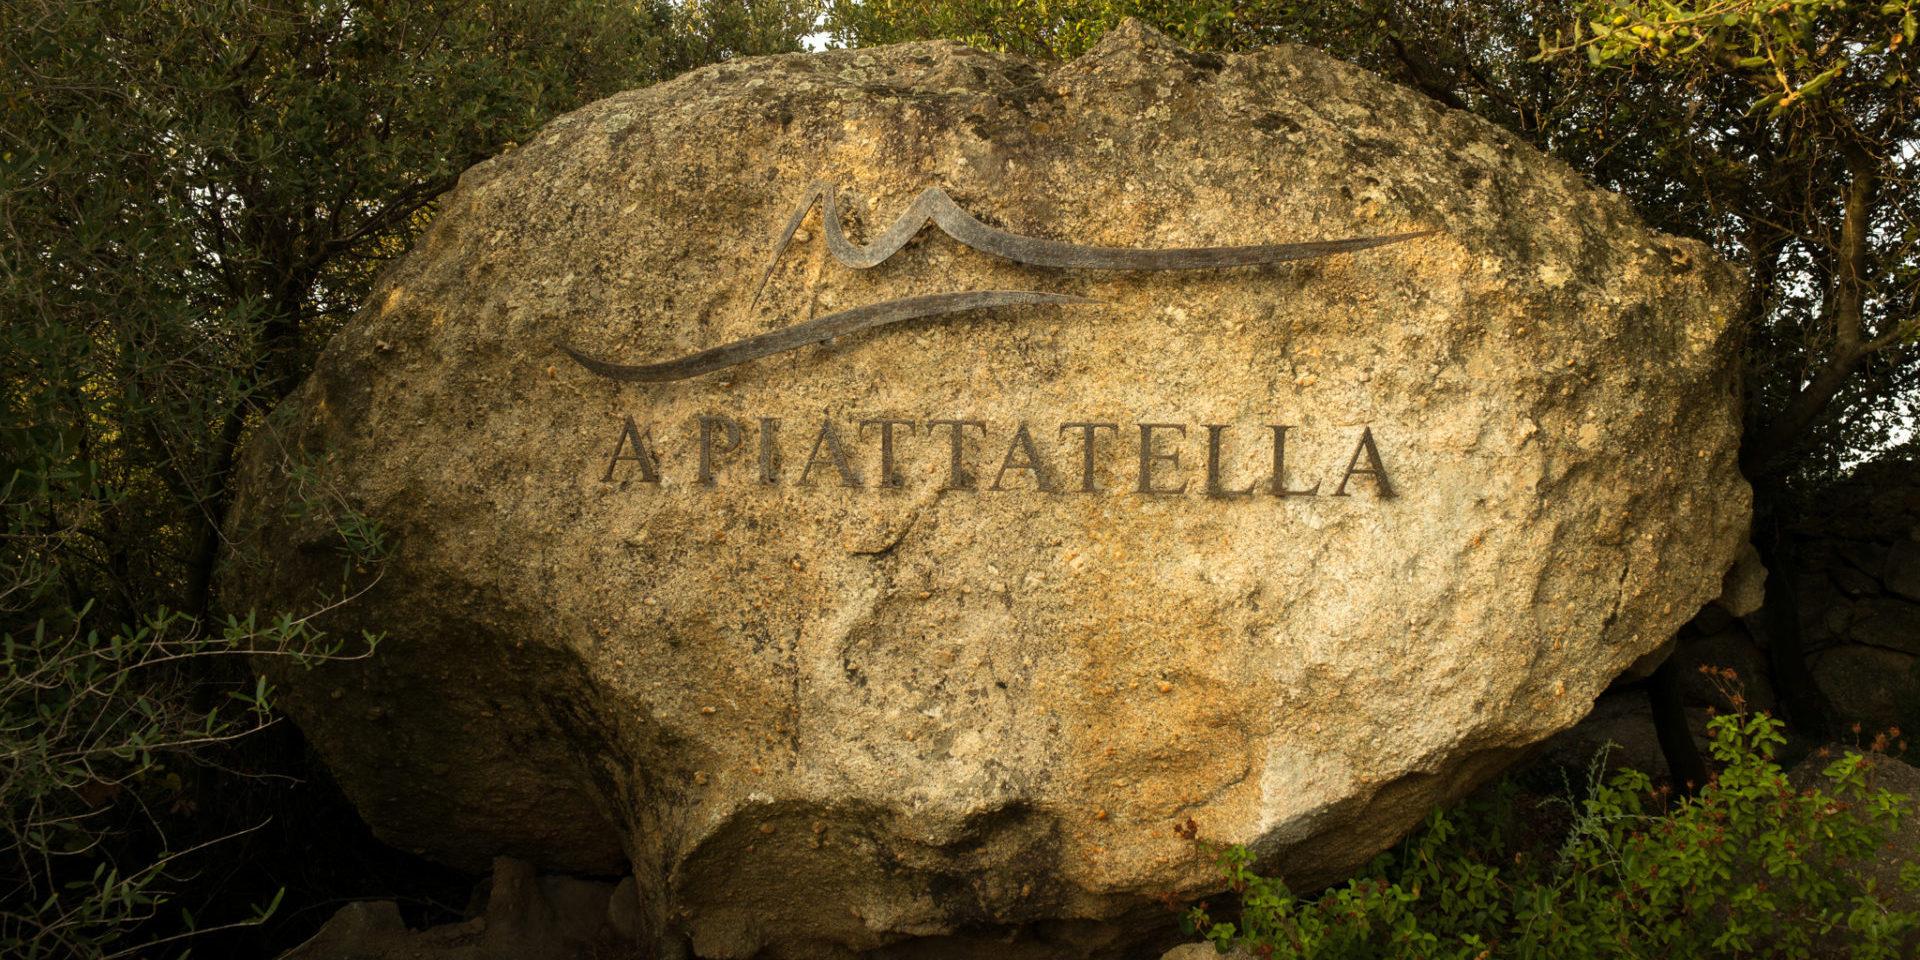 Hotel A Piattatella Monticello Balagne Corsica Frankrijk steen rots